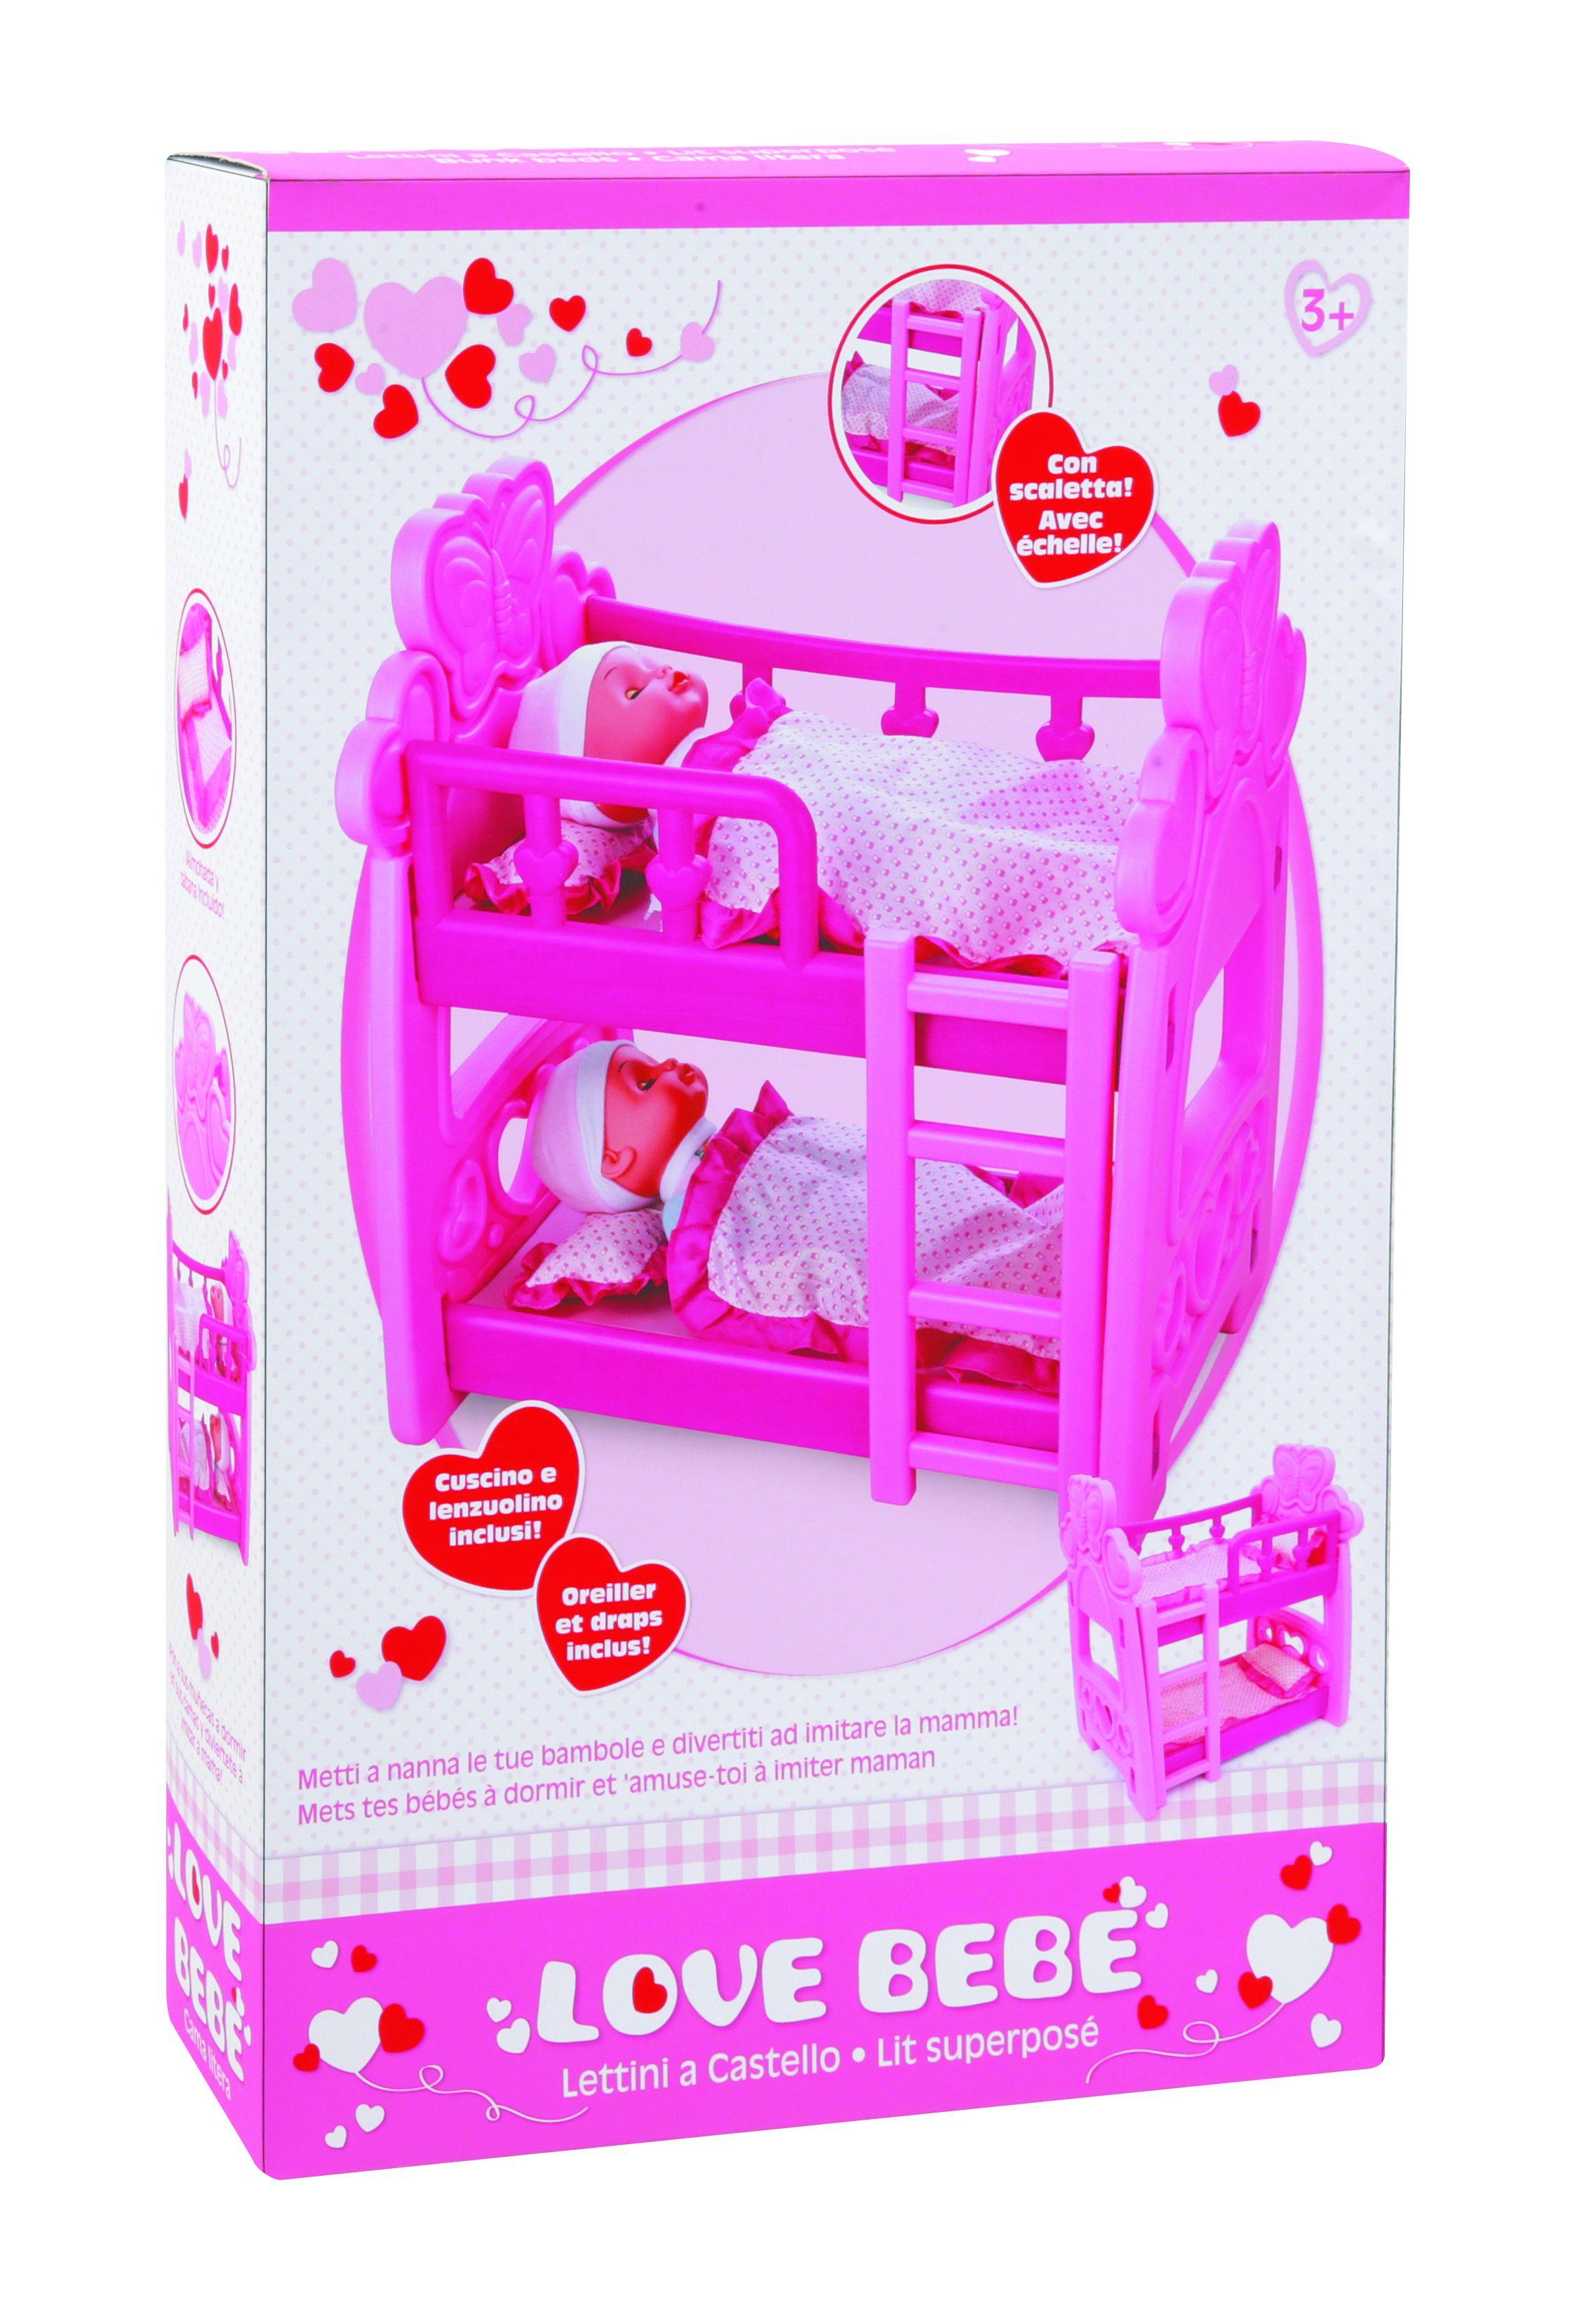 Letto A Castello Barbie.Letto A Castello Per Bambole 777104 House Of Toys Karate Rumia Pl